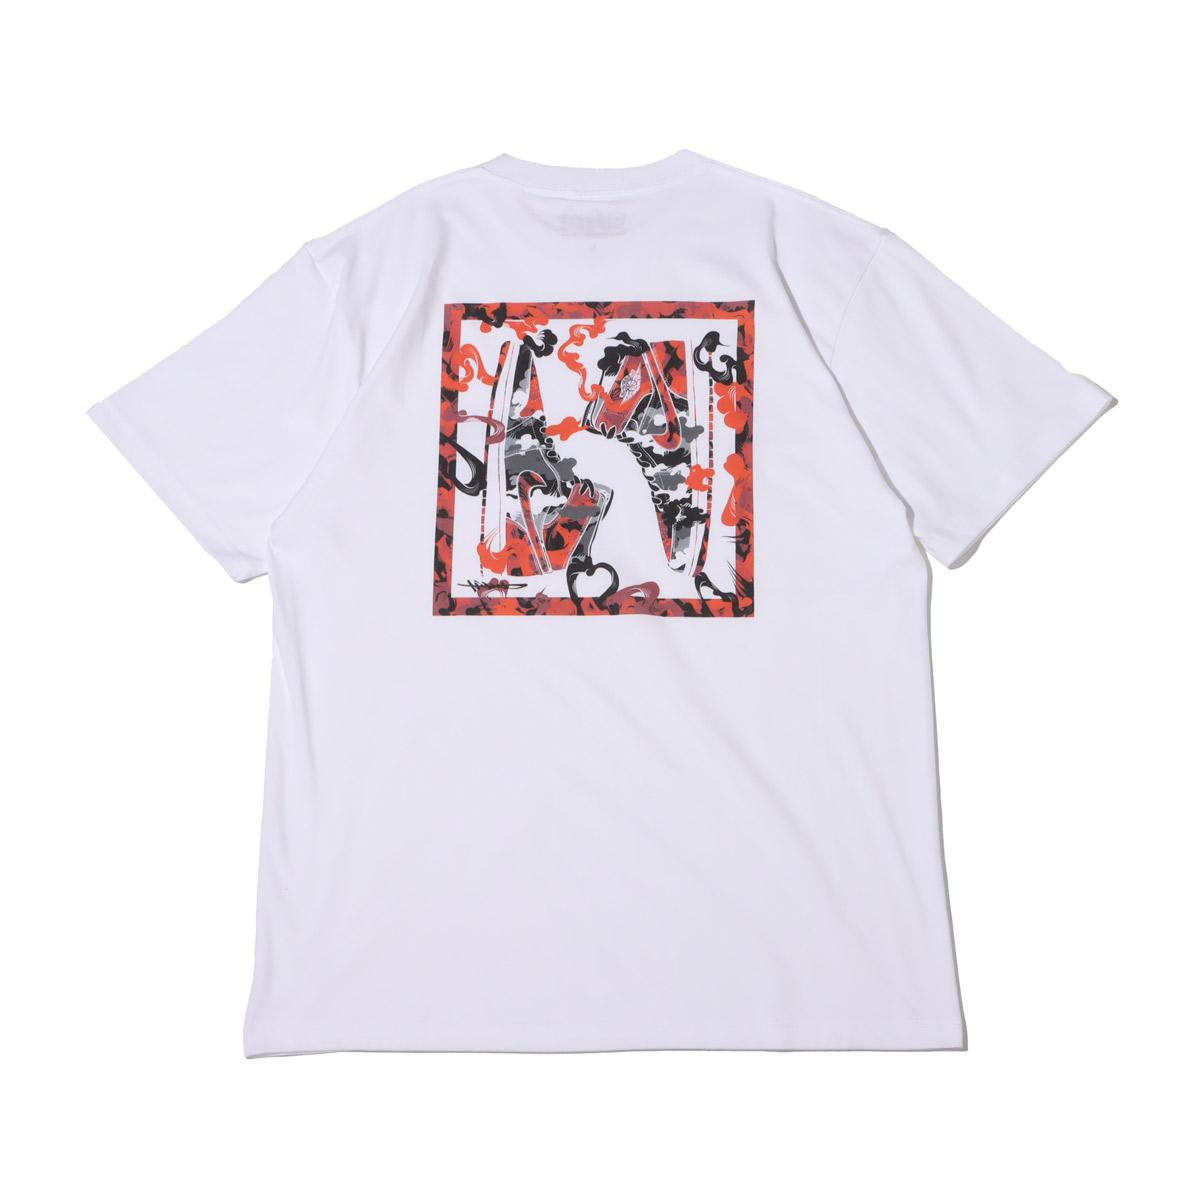 artrA(アルトラ) Tシャツ